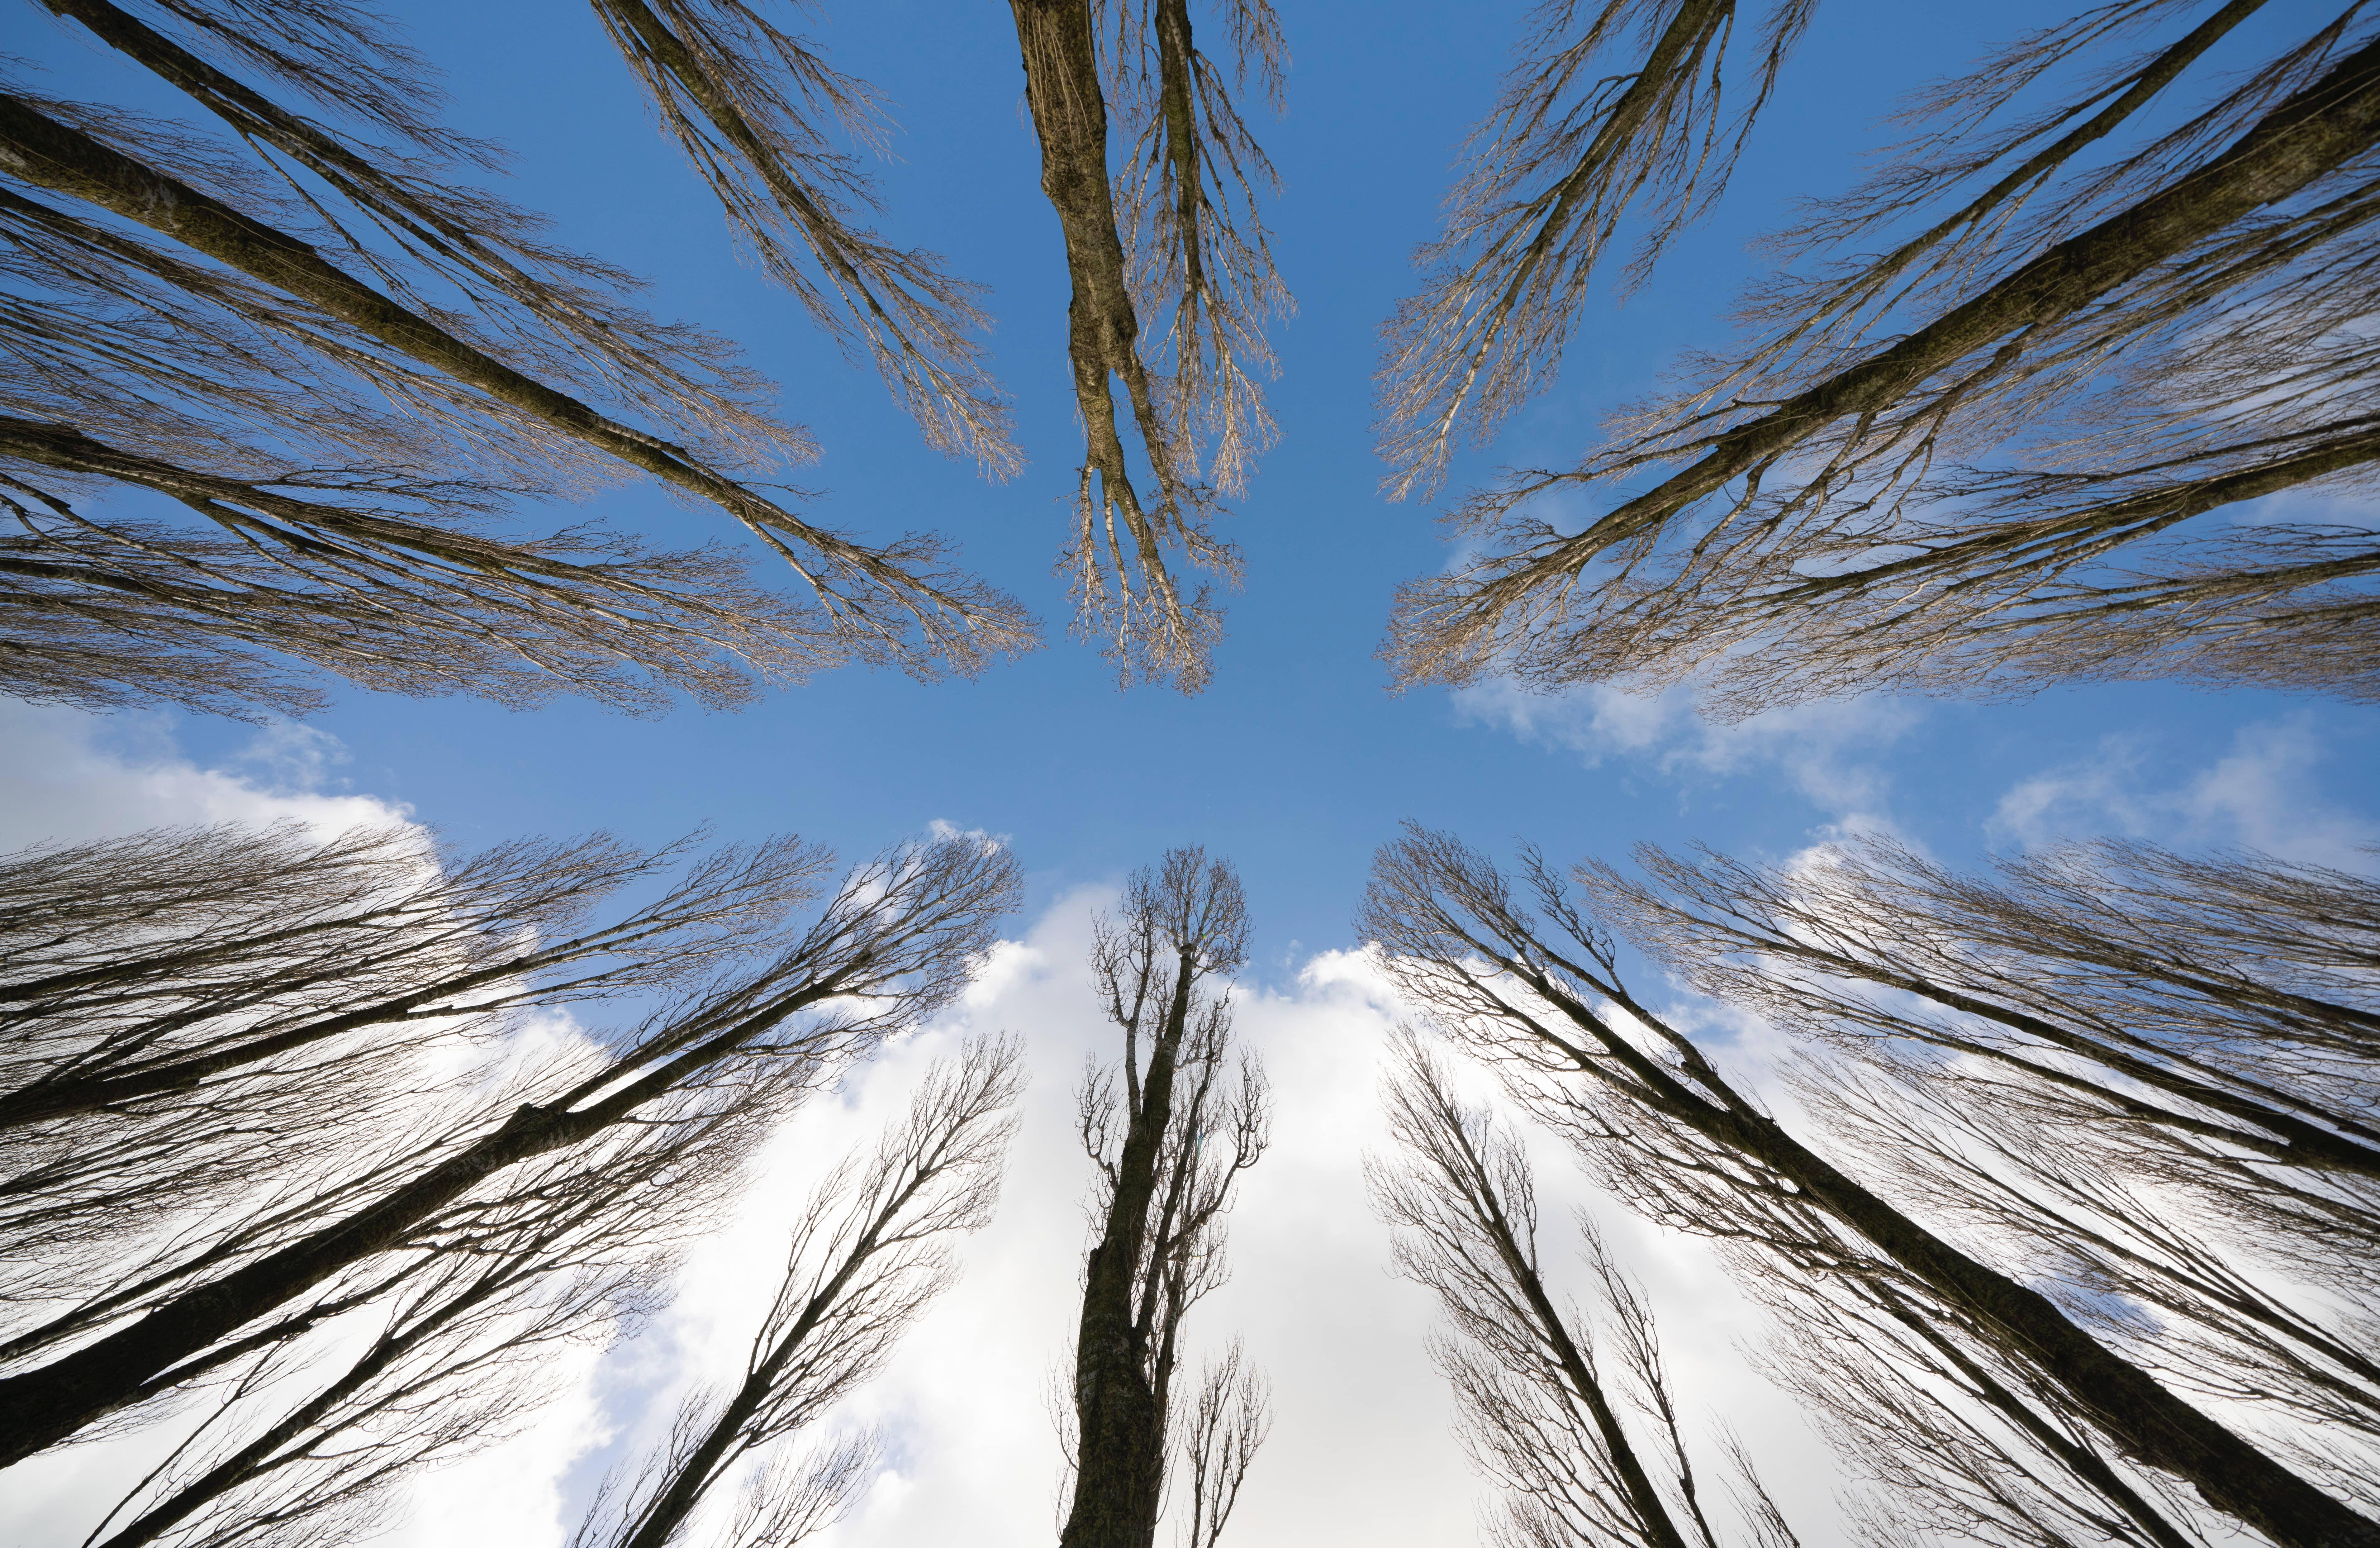 wim_bomenrij-leeuwenborgbewerkt-bewolkt-enz-pichi.jpg